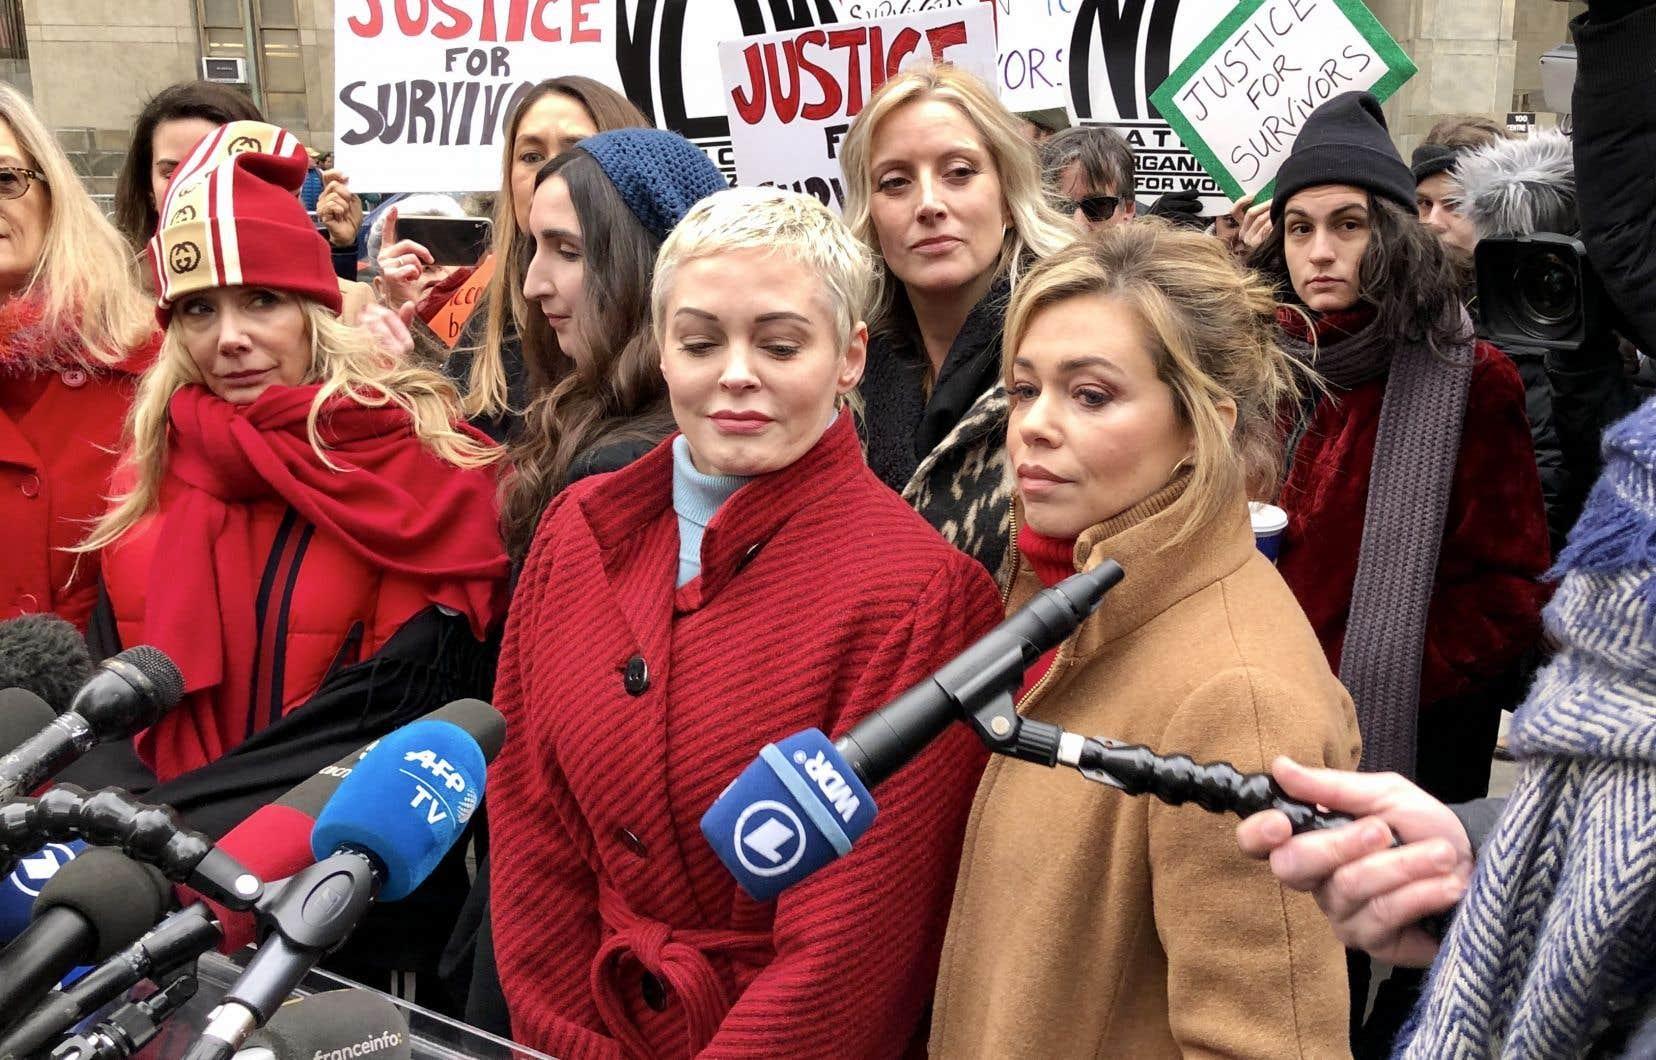 Les actrices Rosanna Arquette (au premier plan, avec un bonnet) et Rose McGowan (au centre) étaient au nombre des dénonciatrices de Harvey Weinstein à s'être présentées devant le tribunal new-yorkais où se déroule son procès.